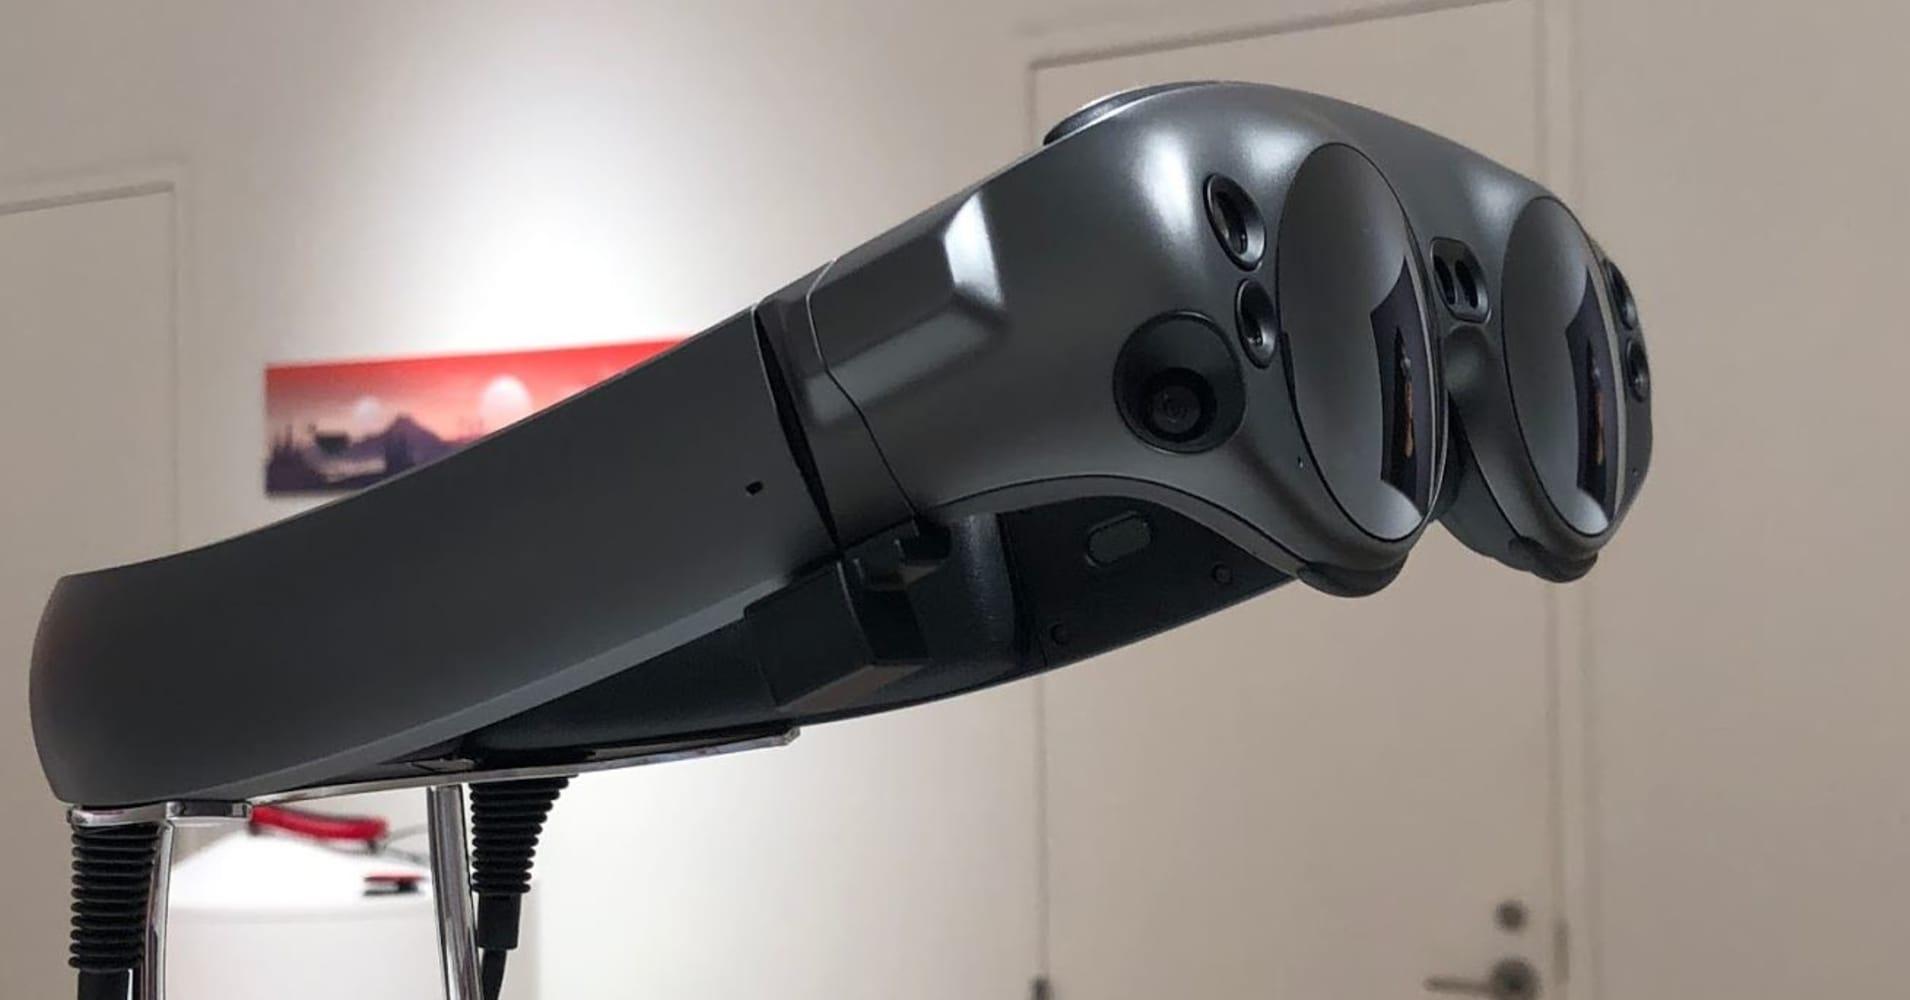 The Magic Leap Lightwear headset.